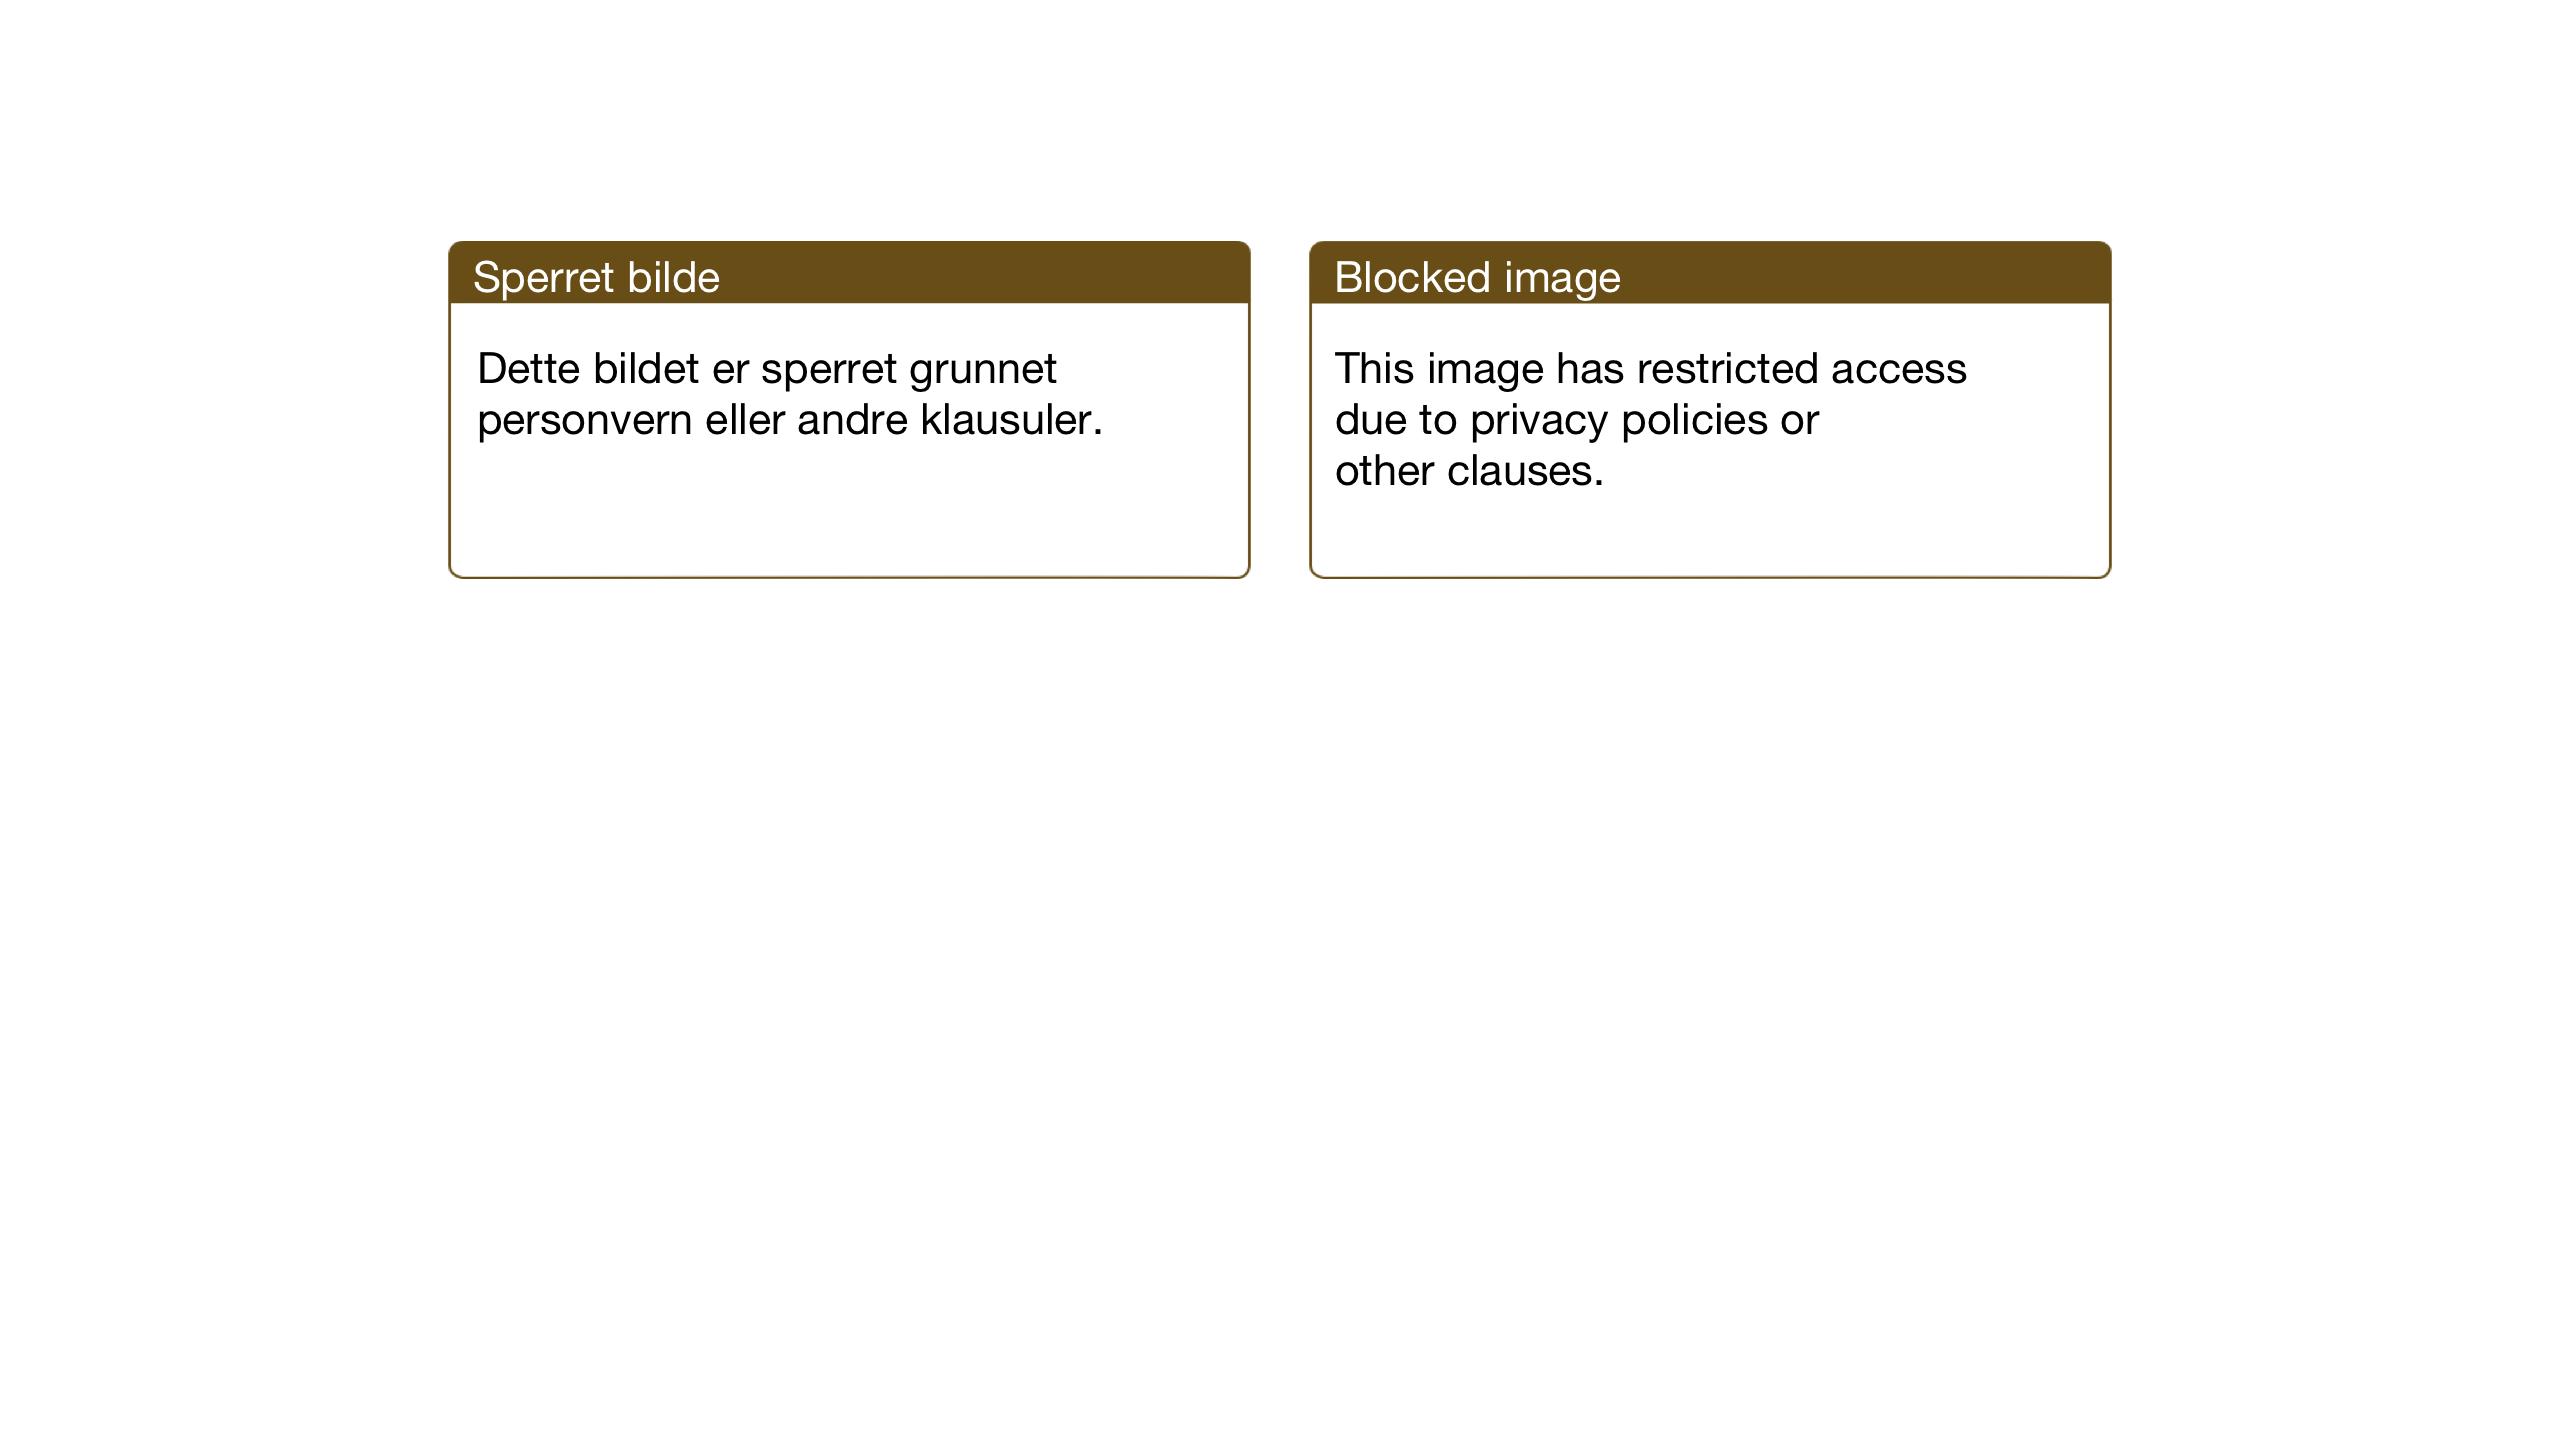 SAT, Ministerialprotokoller, klokkerbøker og fødselsregistre - Sør-Trøndelag, 611/L0358: Klokkerbok nr. 611C06, 1943-1946, s. 89